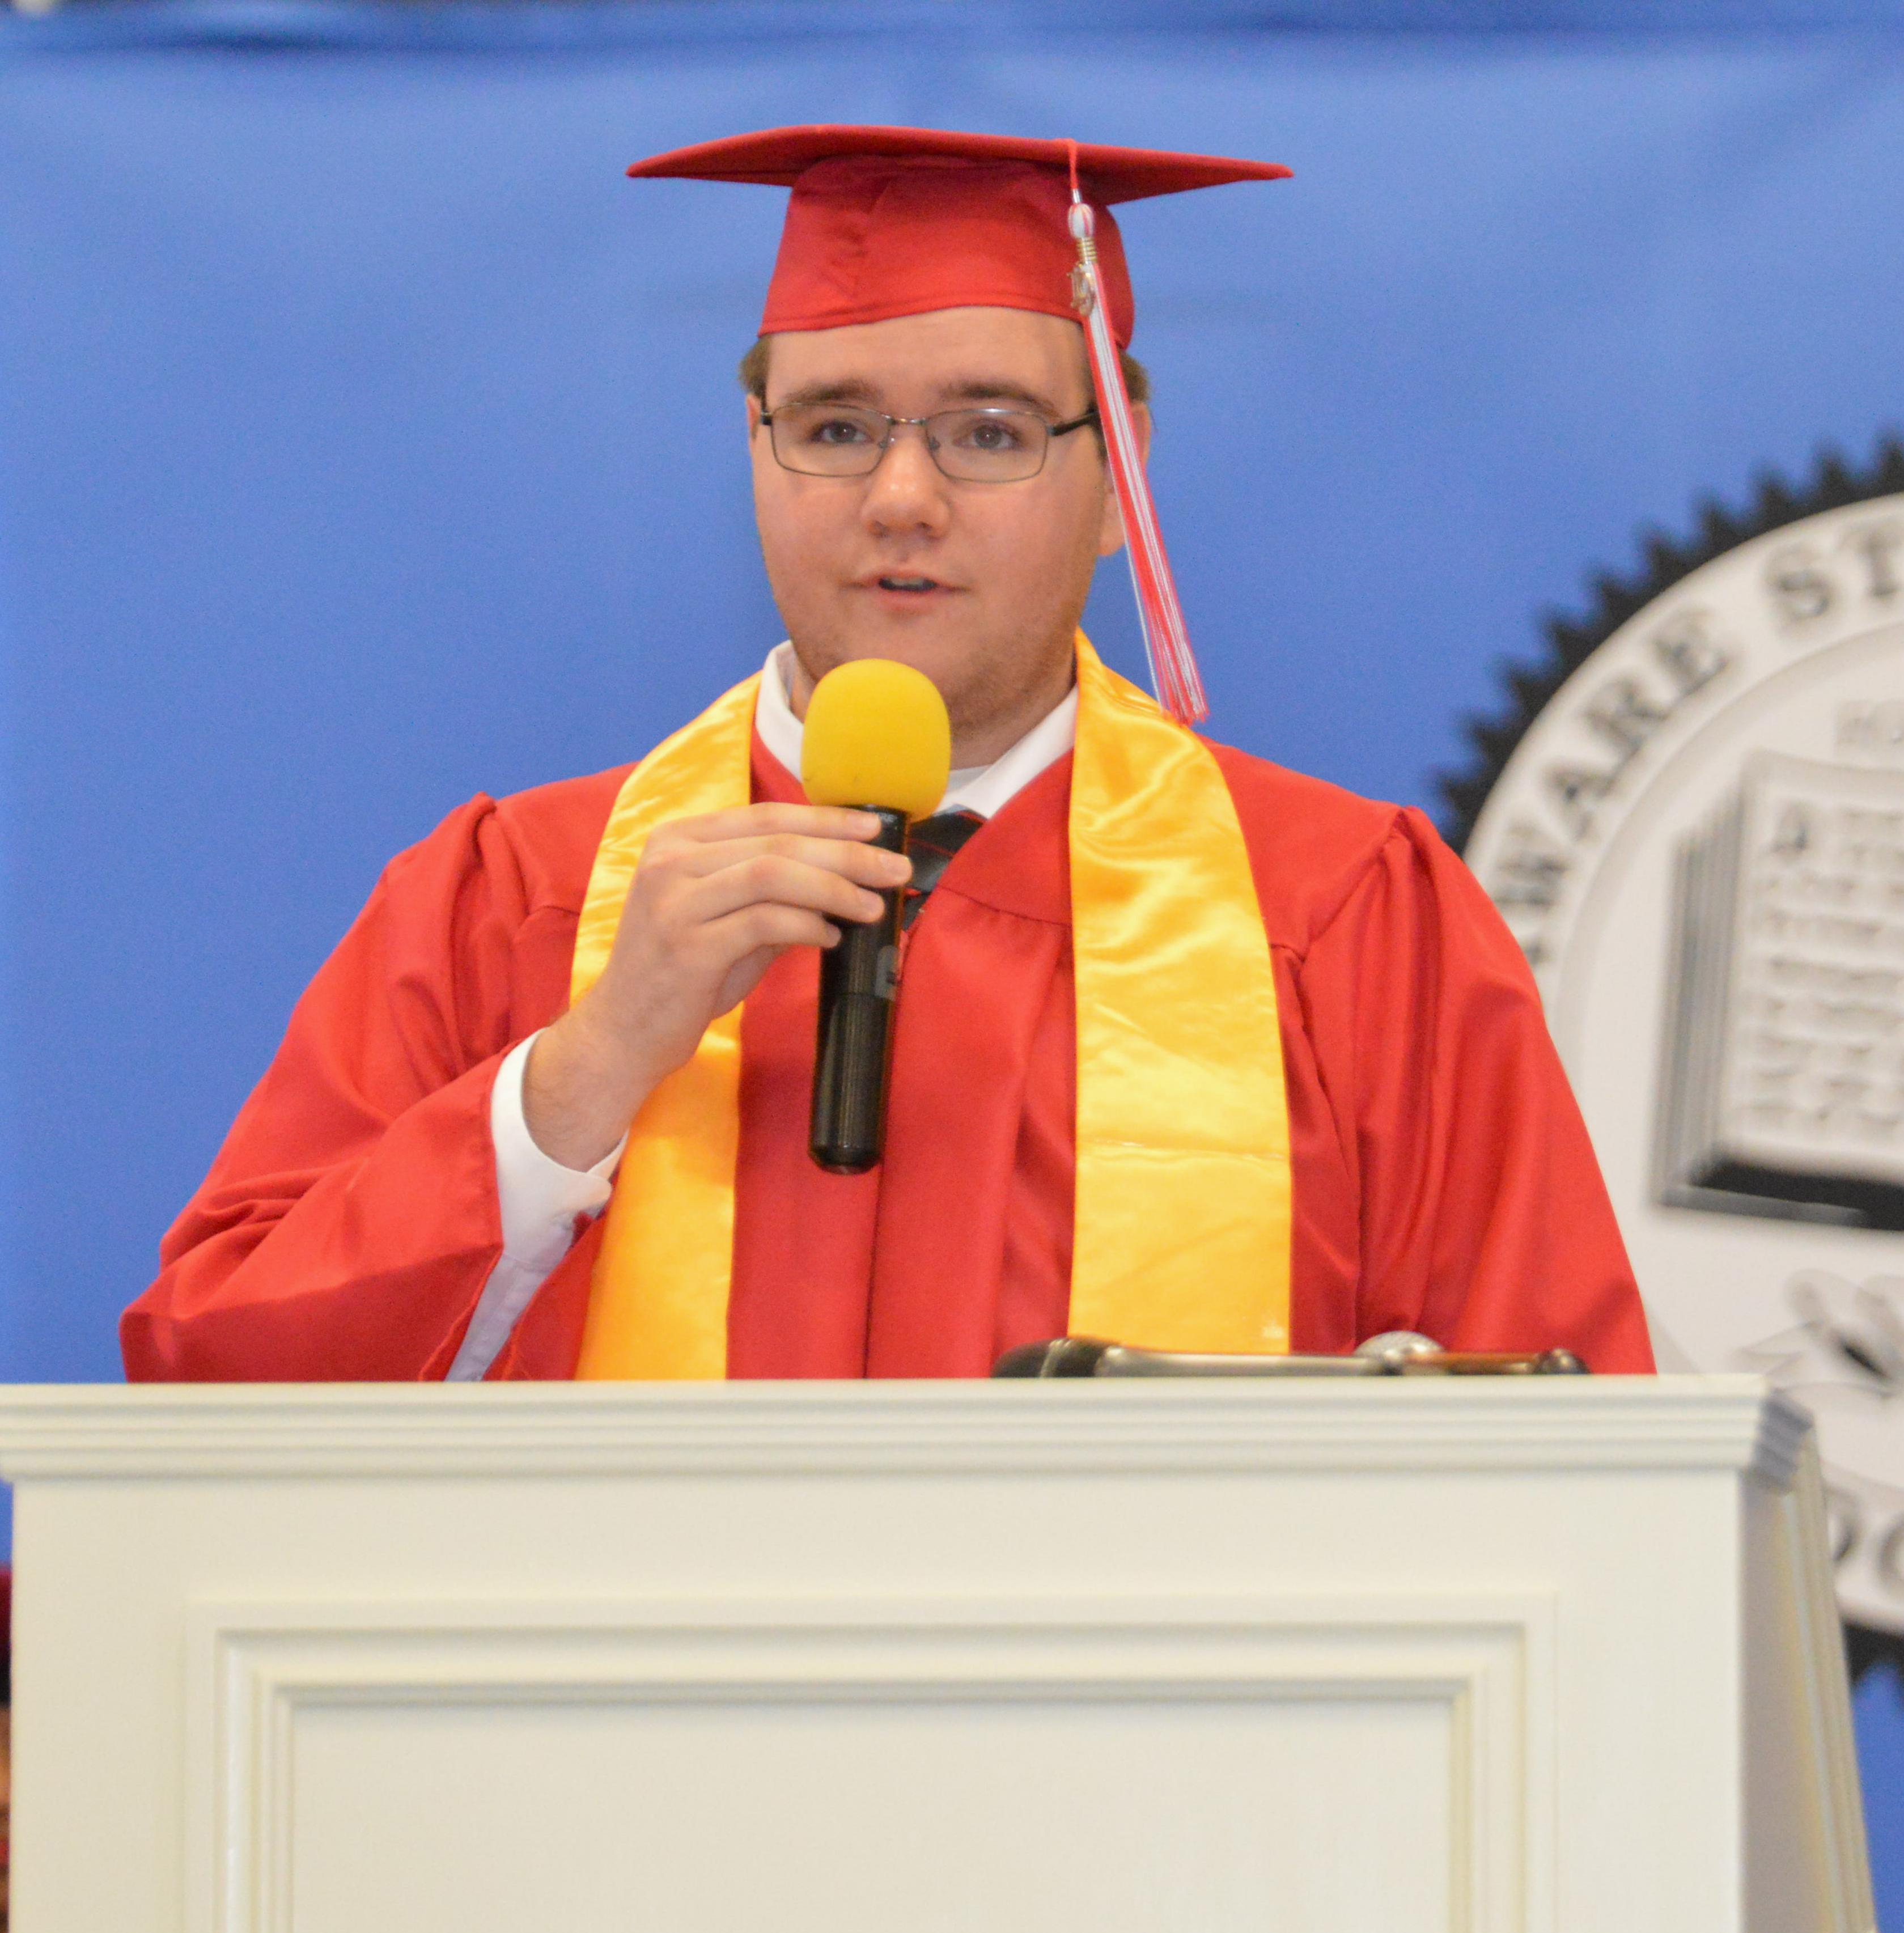 Matthew Ward, 2019 ECHS valedictorian.